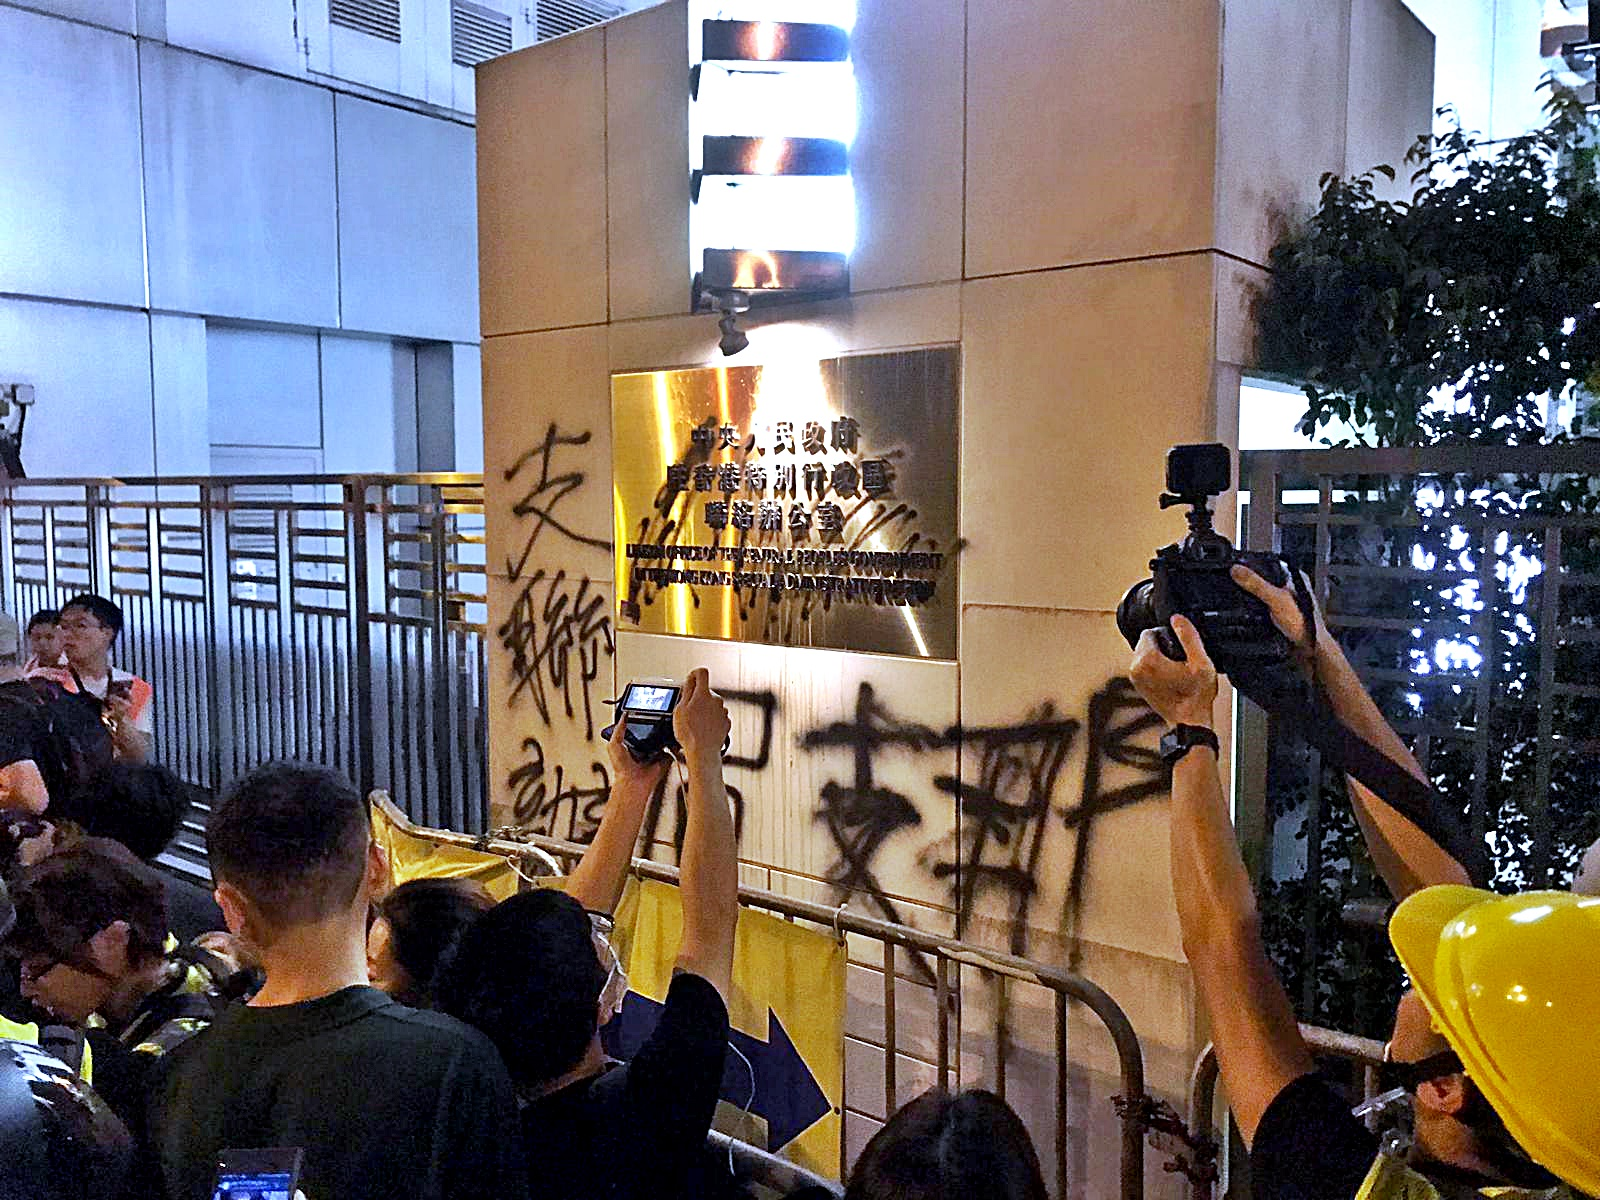 中聯辦外被示威者噴漆。